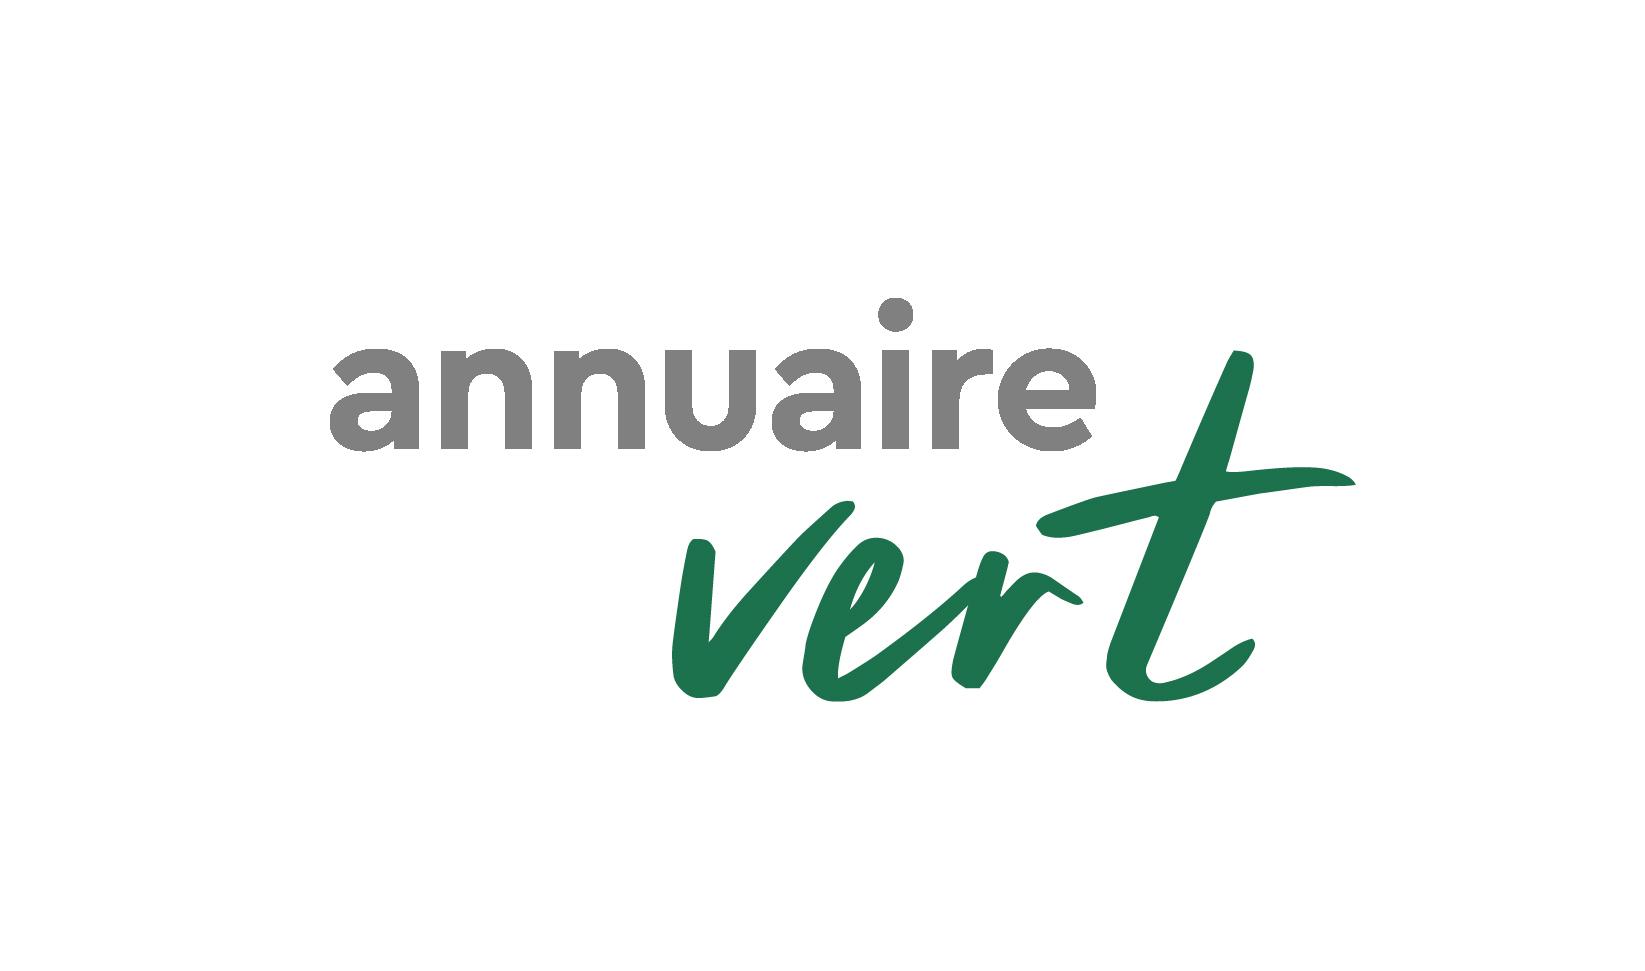 logo-annuairevert